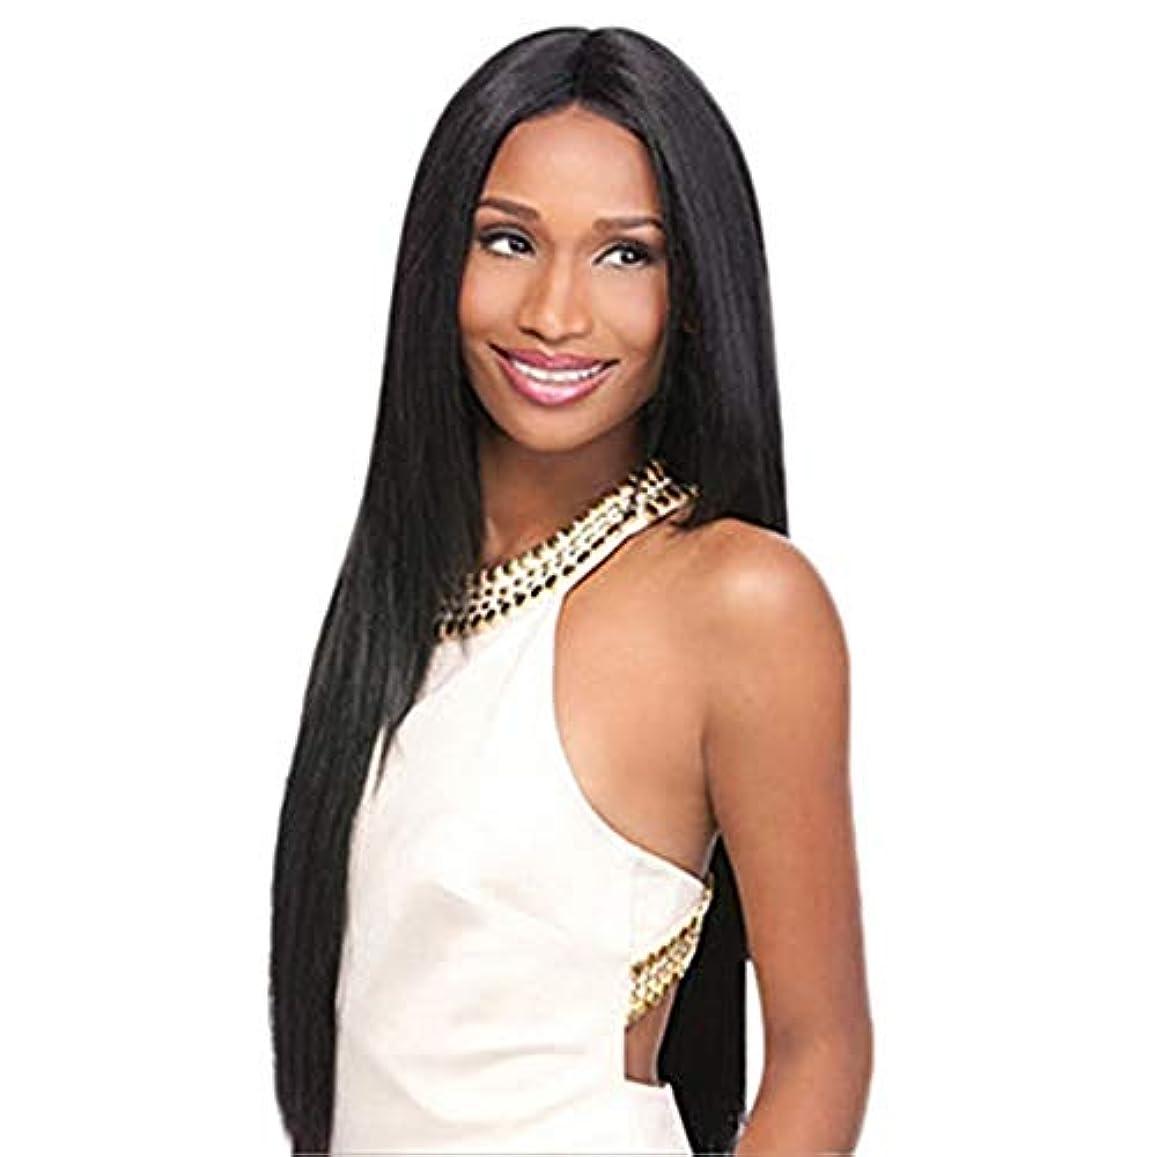 コンバーチブル自信がある馬鹿完全なかつら80CMをしている女性の黒い長いストレートの髪のかつらの役割